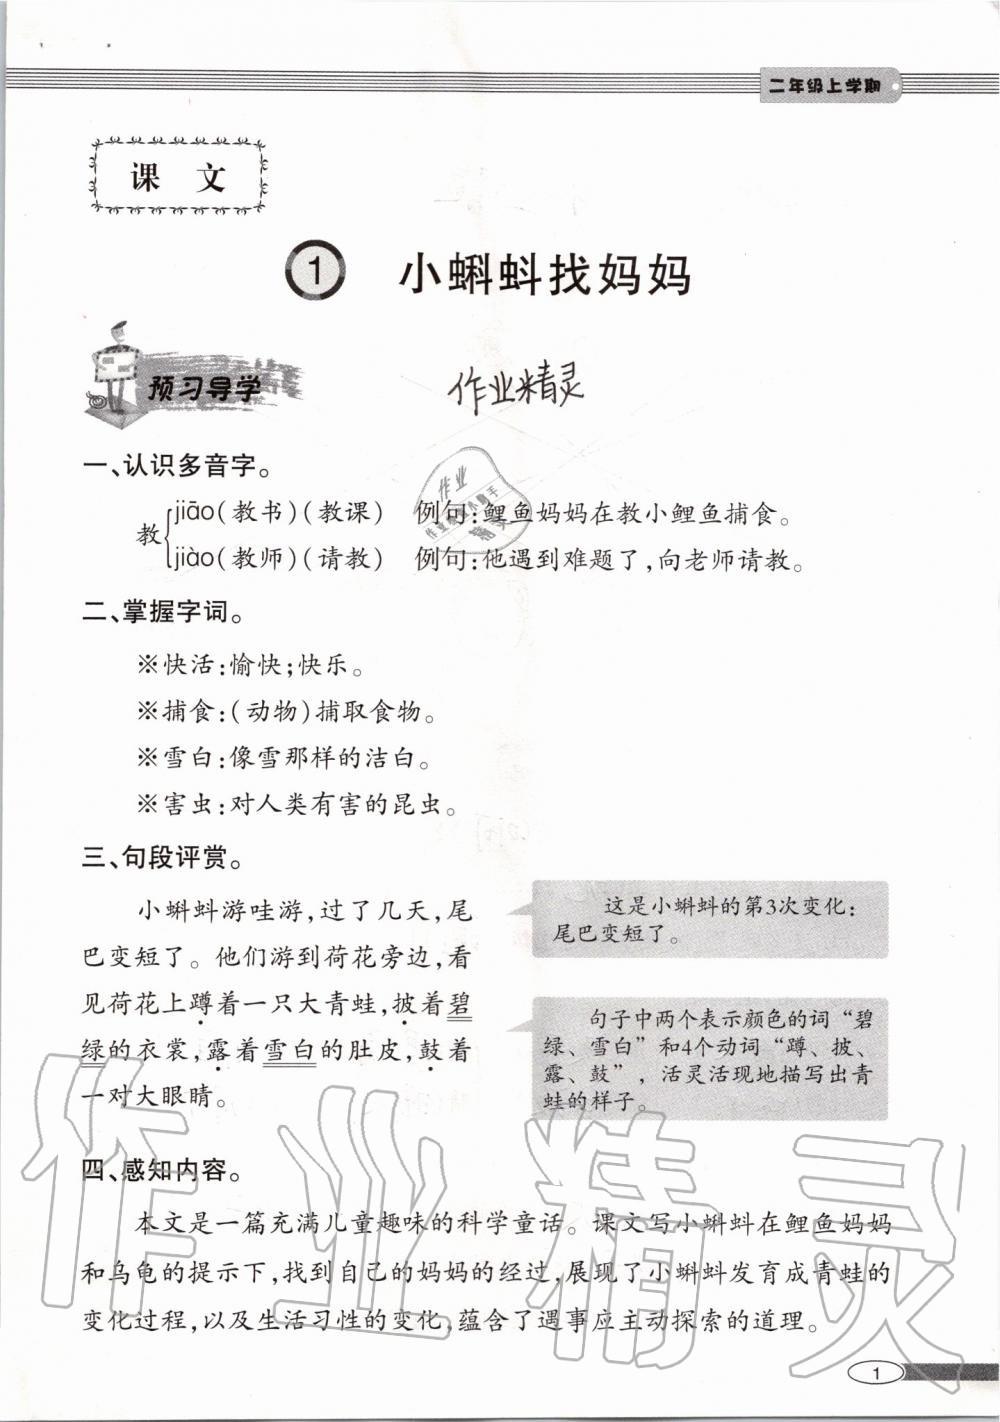 2019年新课堂同步学习与探究二年级语文上学期人教版第1页